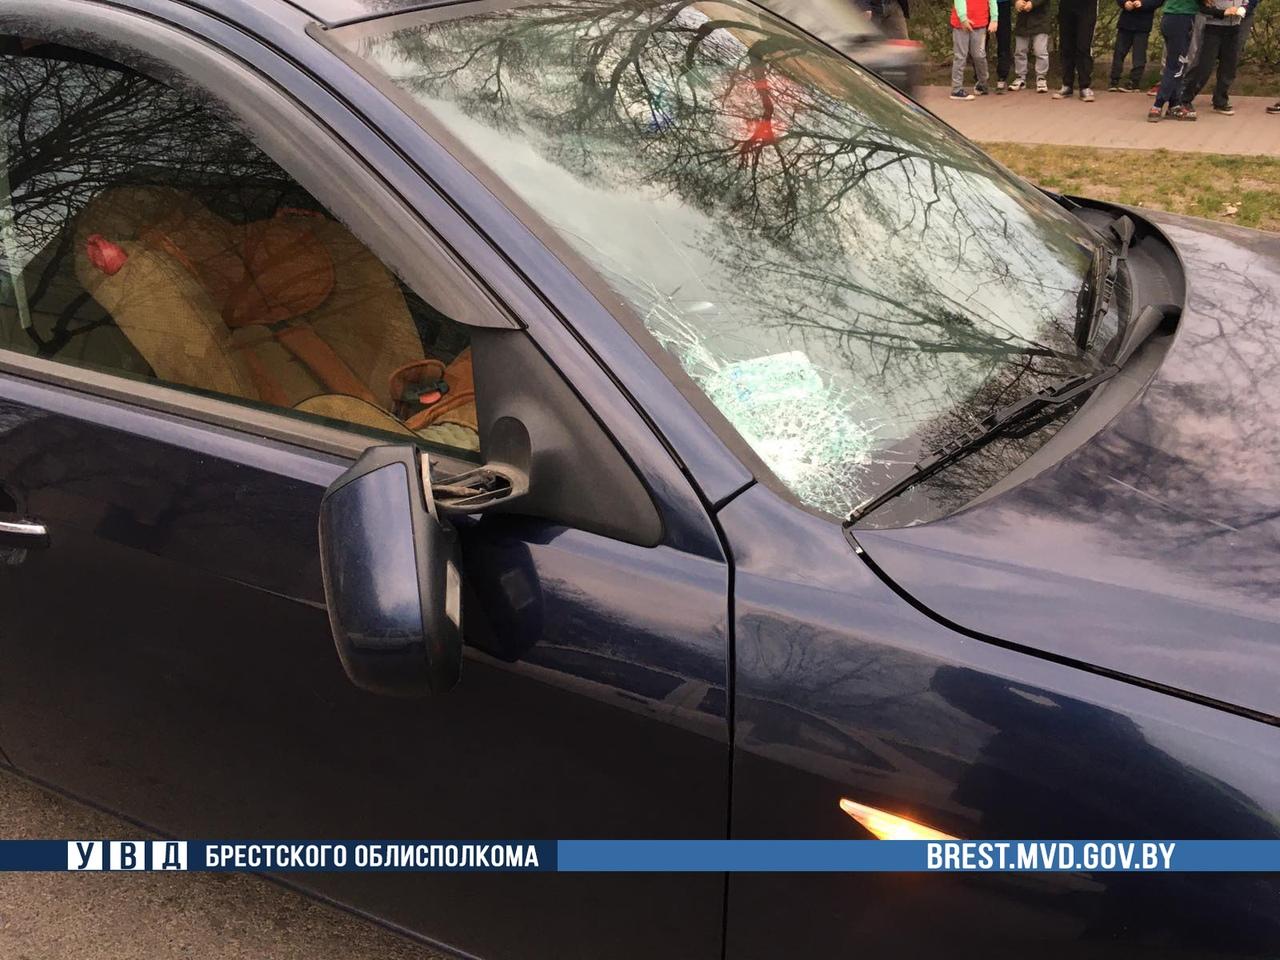 Подросток выбежал из-за припаркованного автомобиля на улицу и его сбил «Форд Мондео»